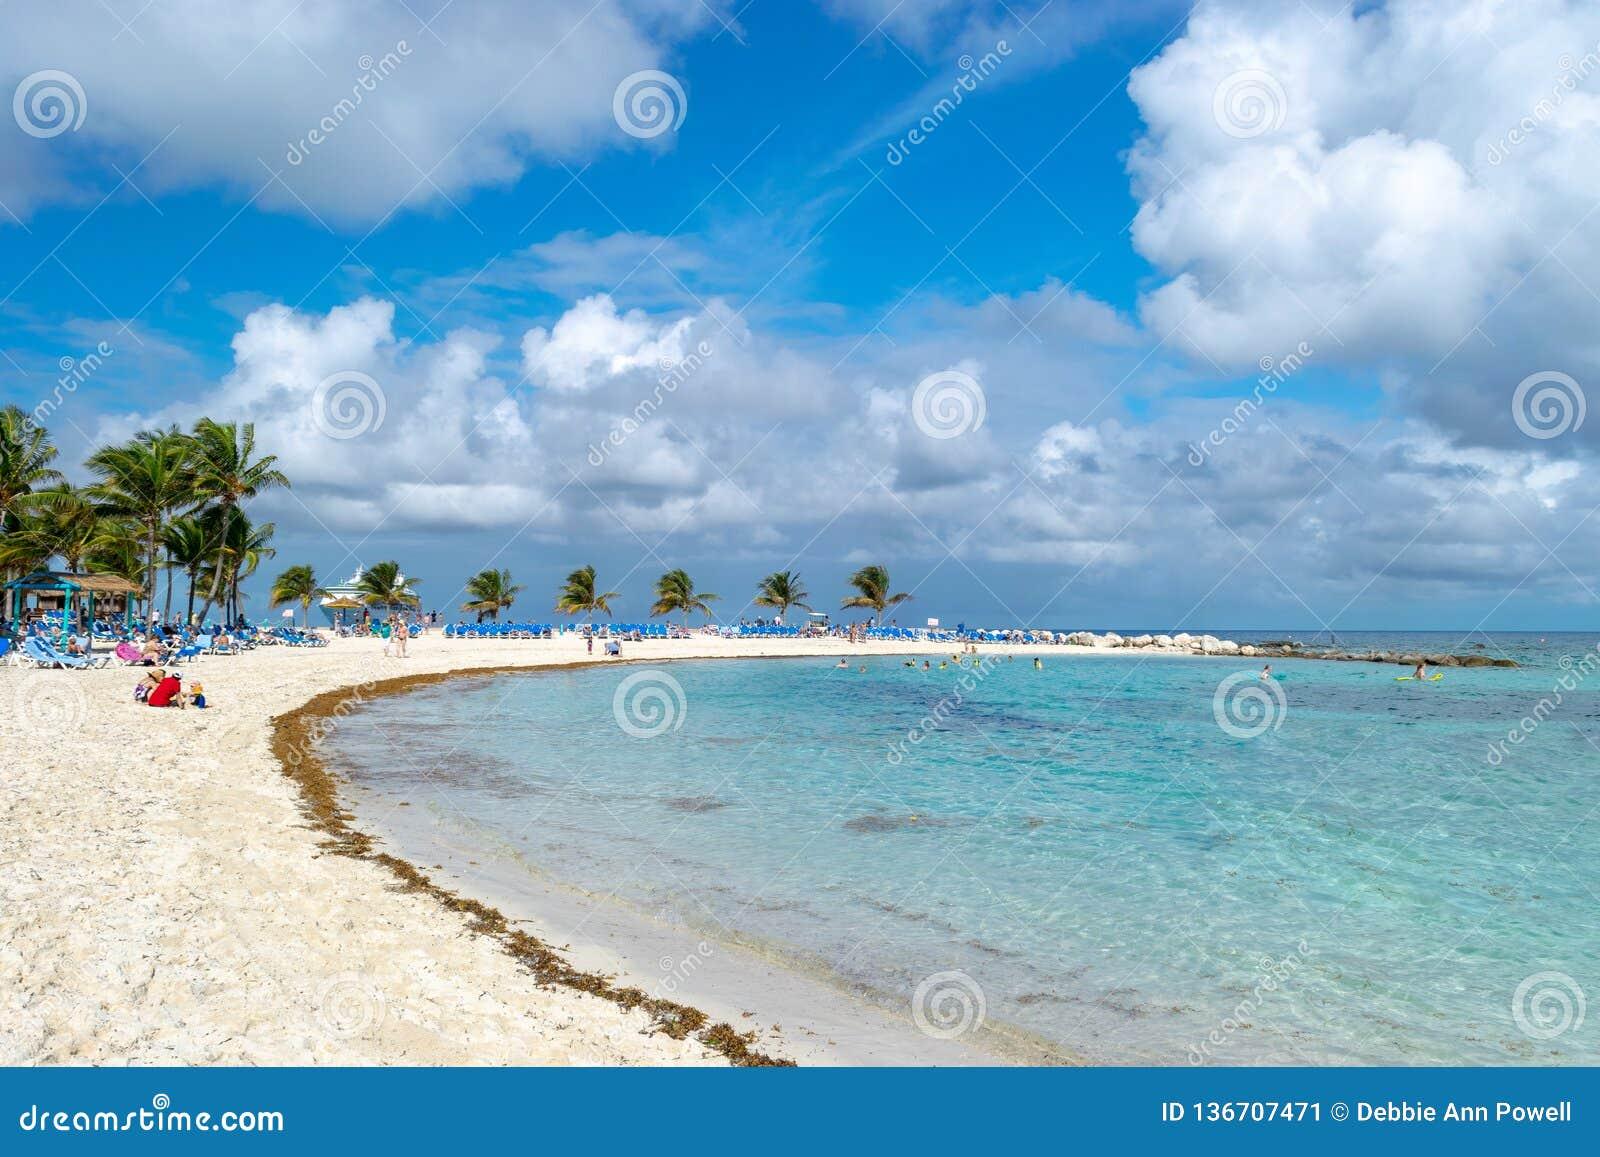 Солнечный день на тропическом пляже